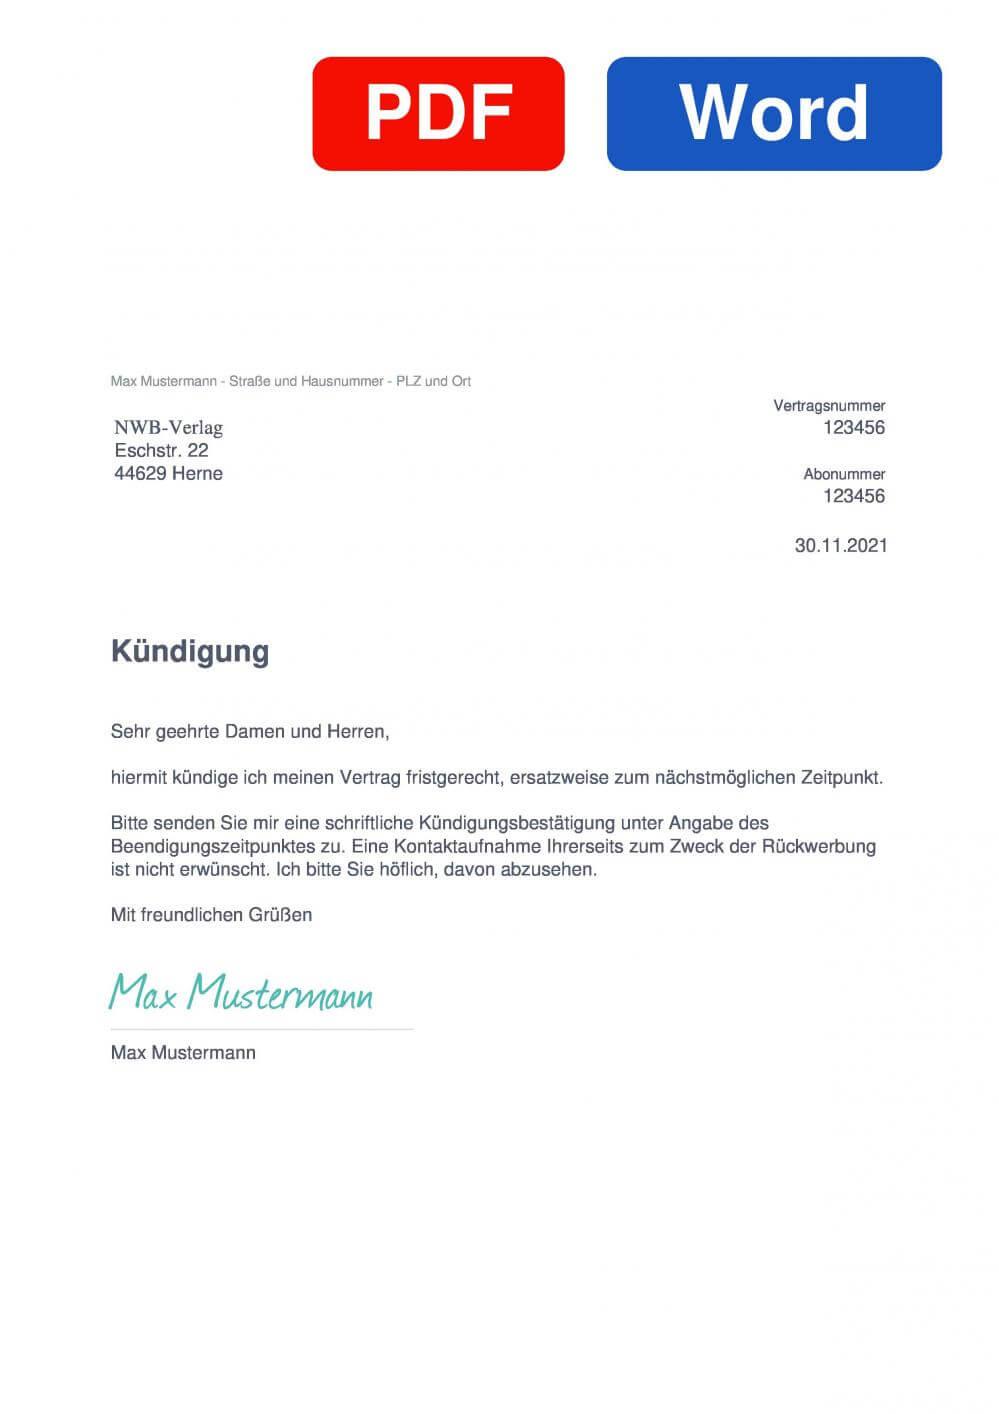 NWB-Verlag Muster Vorlage für Kündigungsschreiben